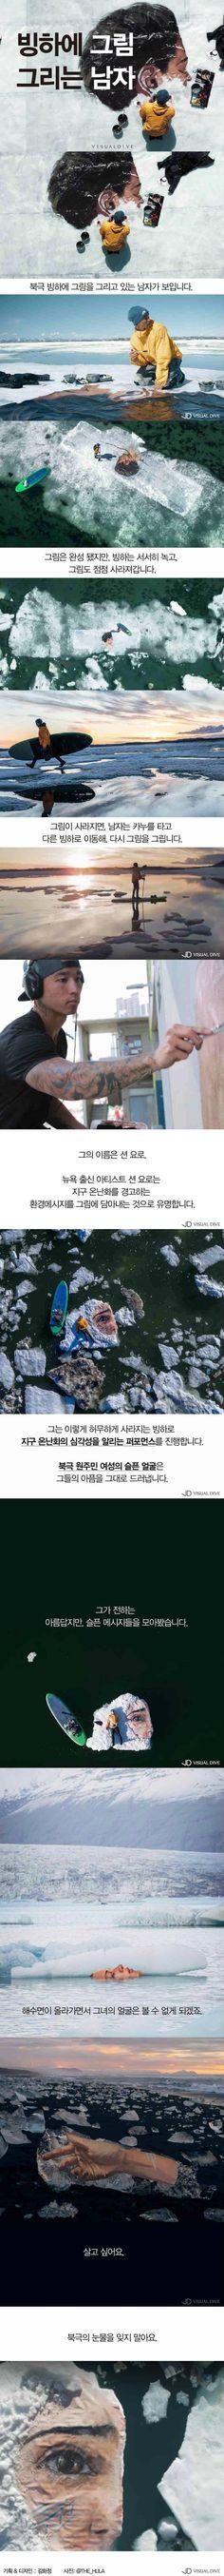 북극 빙하에 그림을 그리는 남자 [카드뉴스] #glacier / #cardnews ⓒ 비주얼다이브 무단 복사·전재·재배포 금지